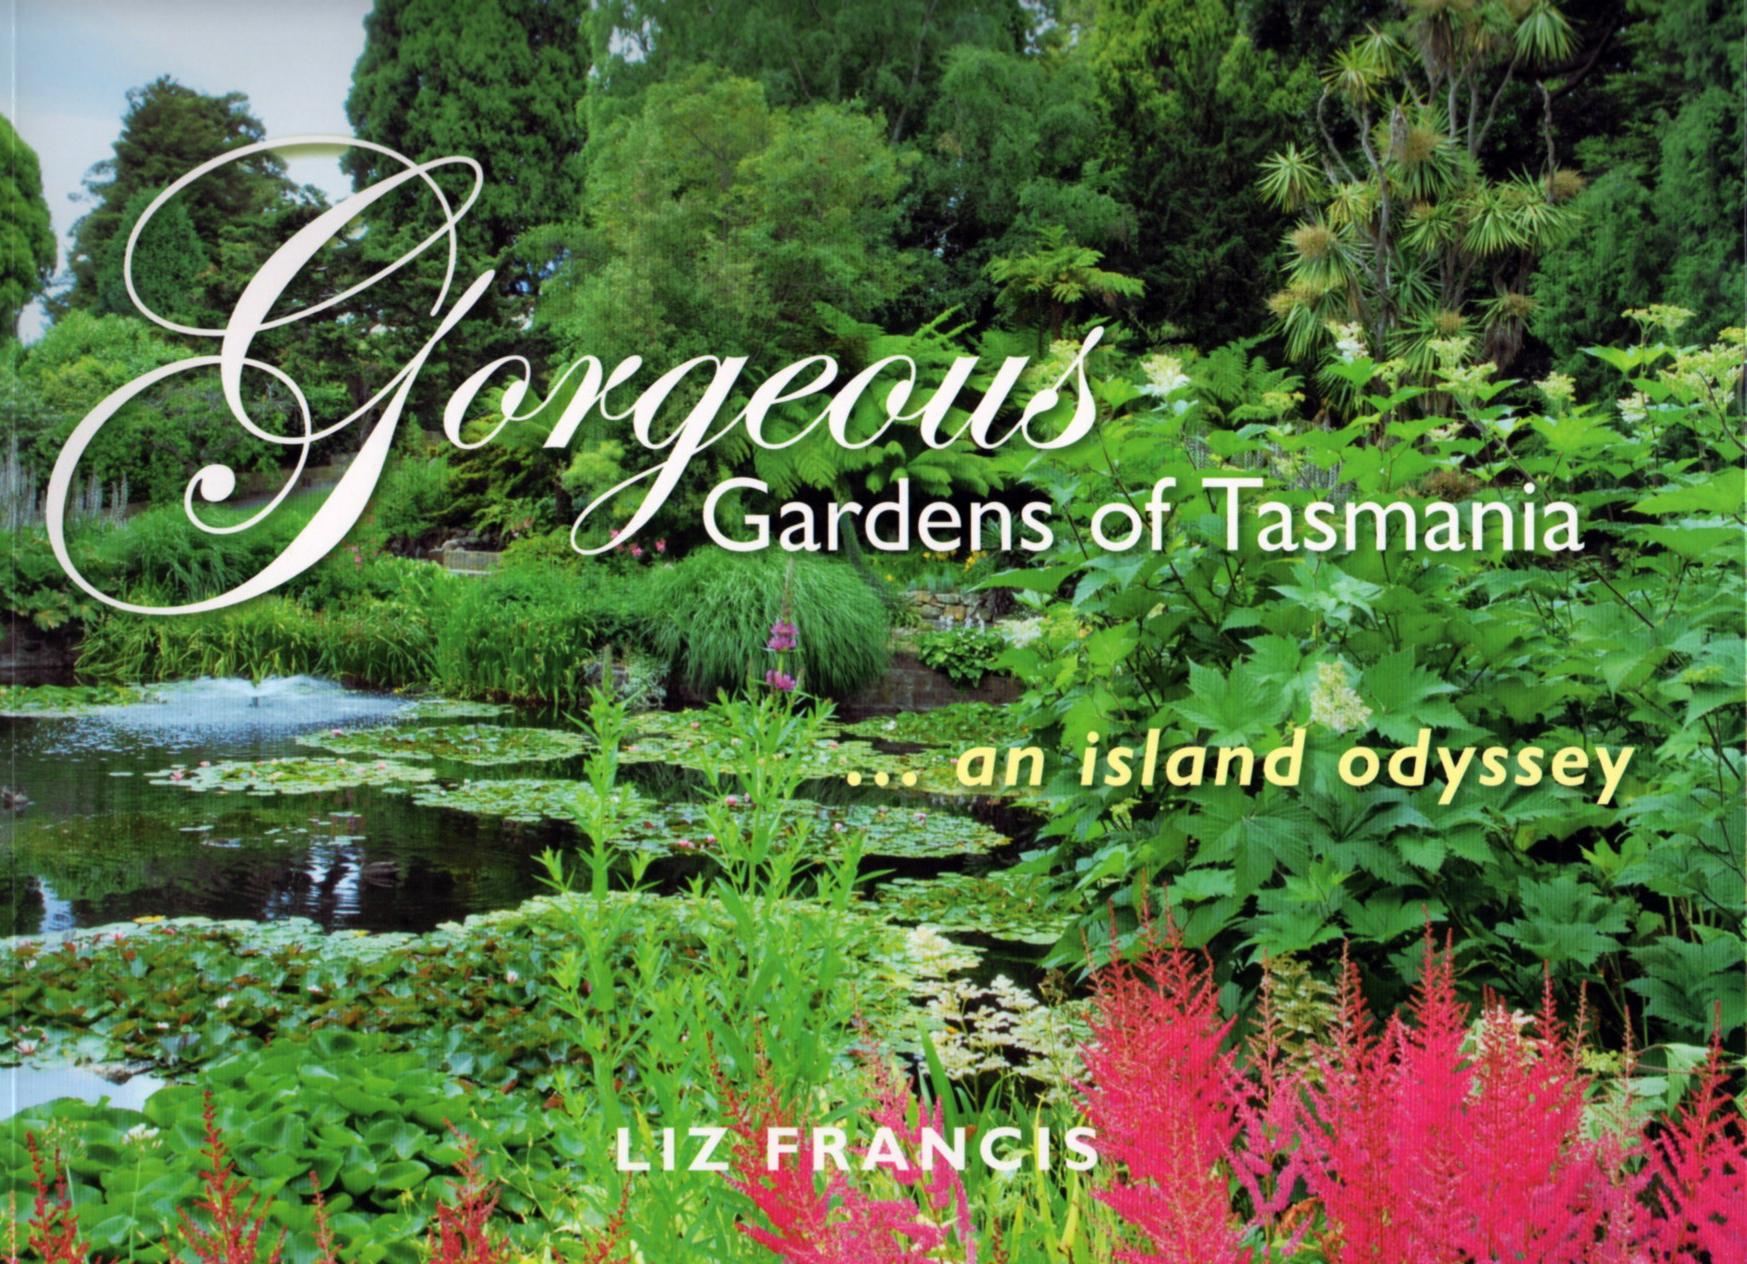 Gorgeous Gardens of Tasmania